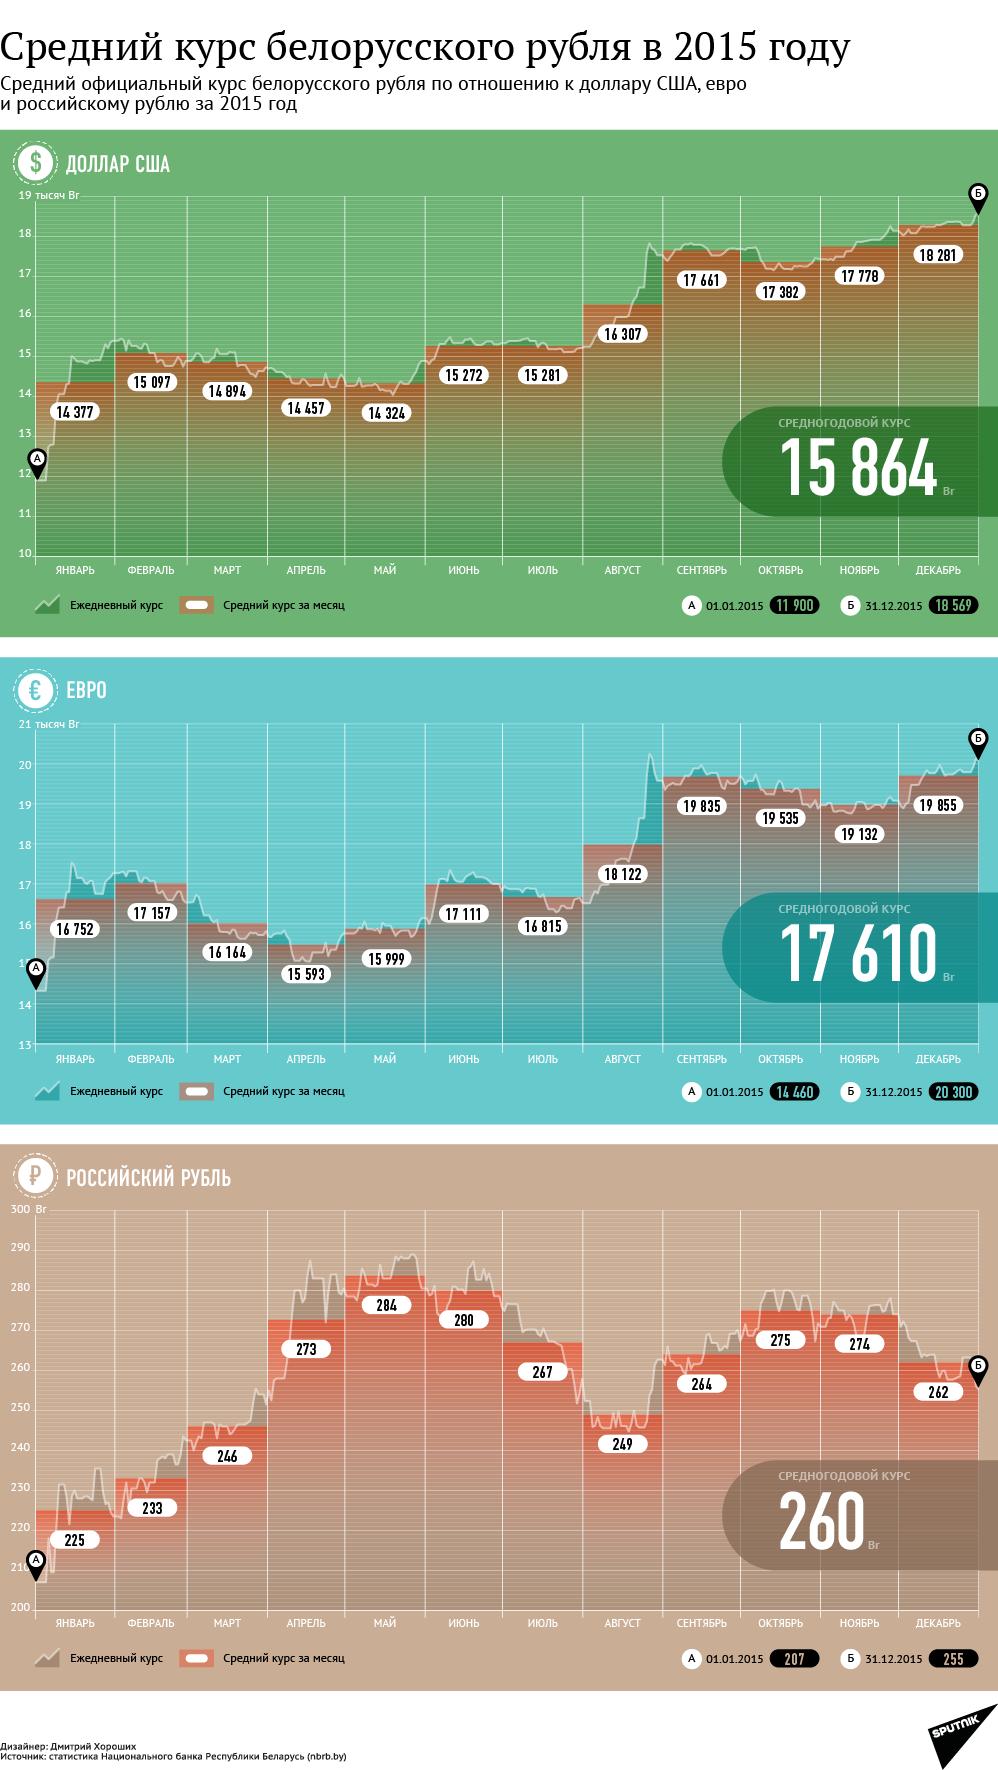 Средний курс белорусского рубля за 2015 год